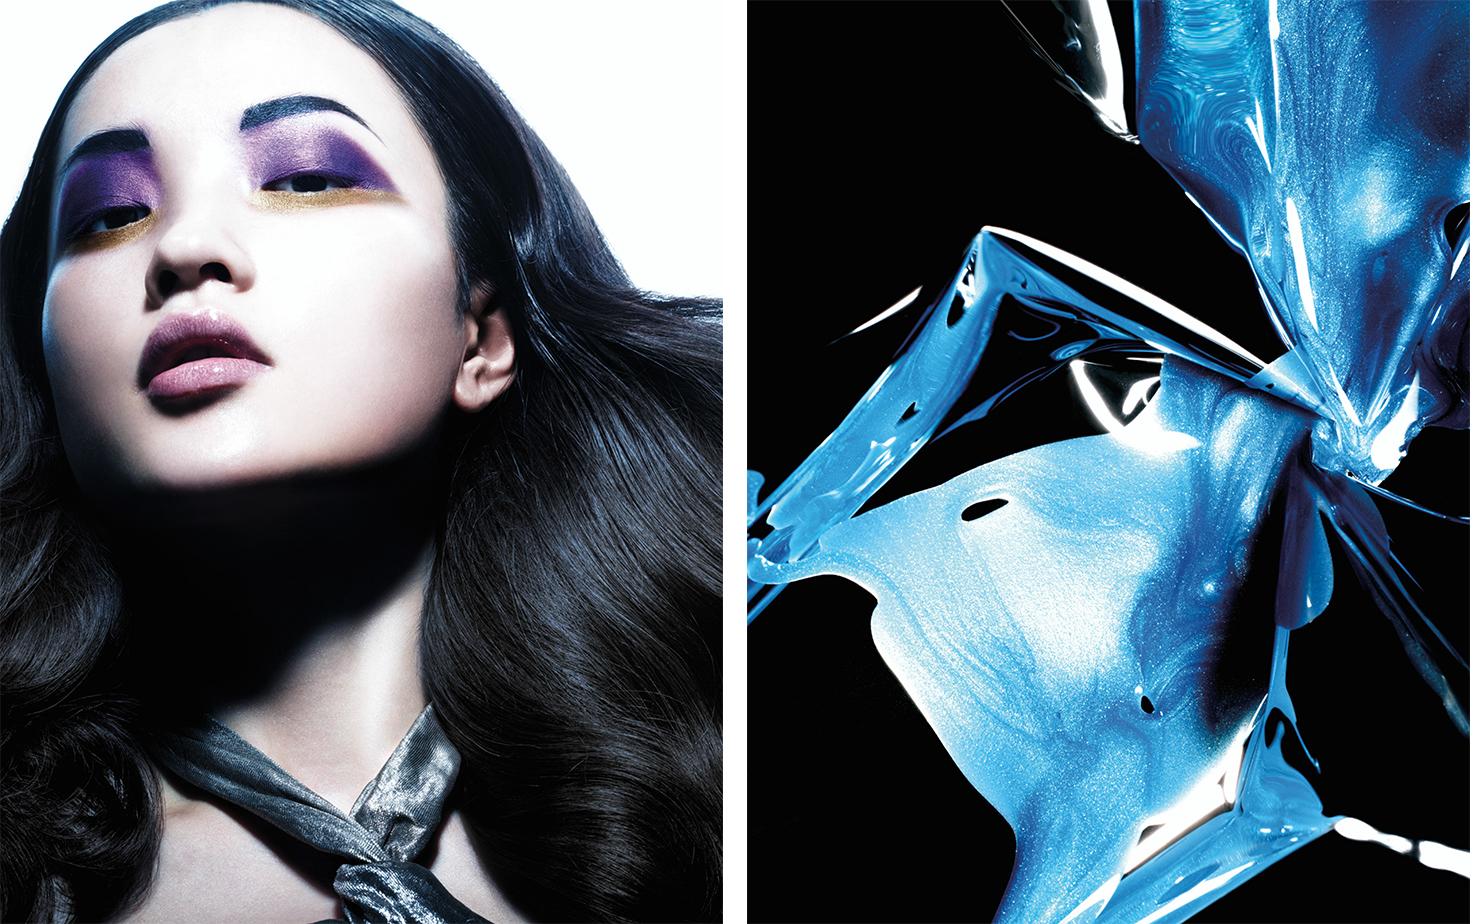 Vogue China HI-TECH COSMETICS   FASHION EDITOR Tiina Laakkonen MAKE UP Fulvia Farolfi